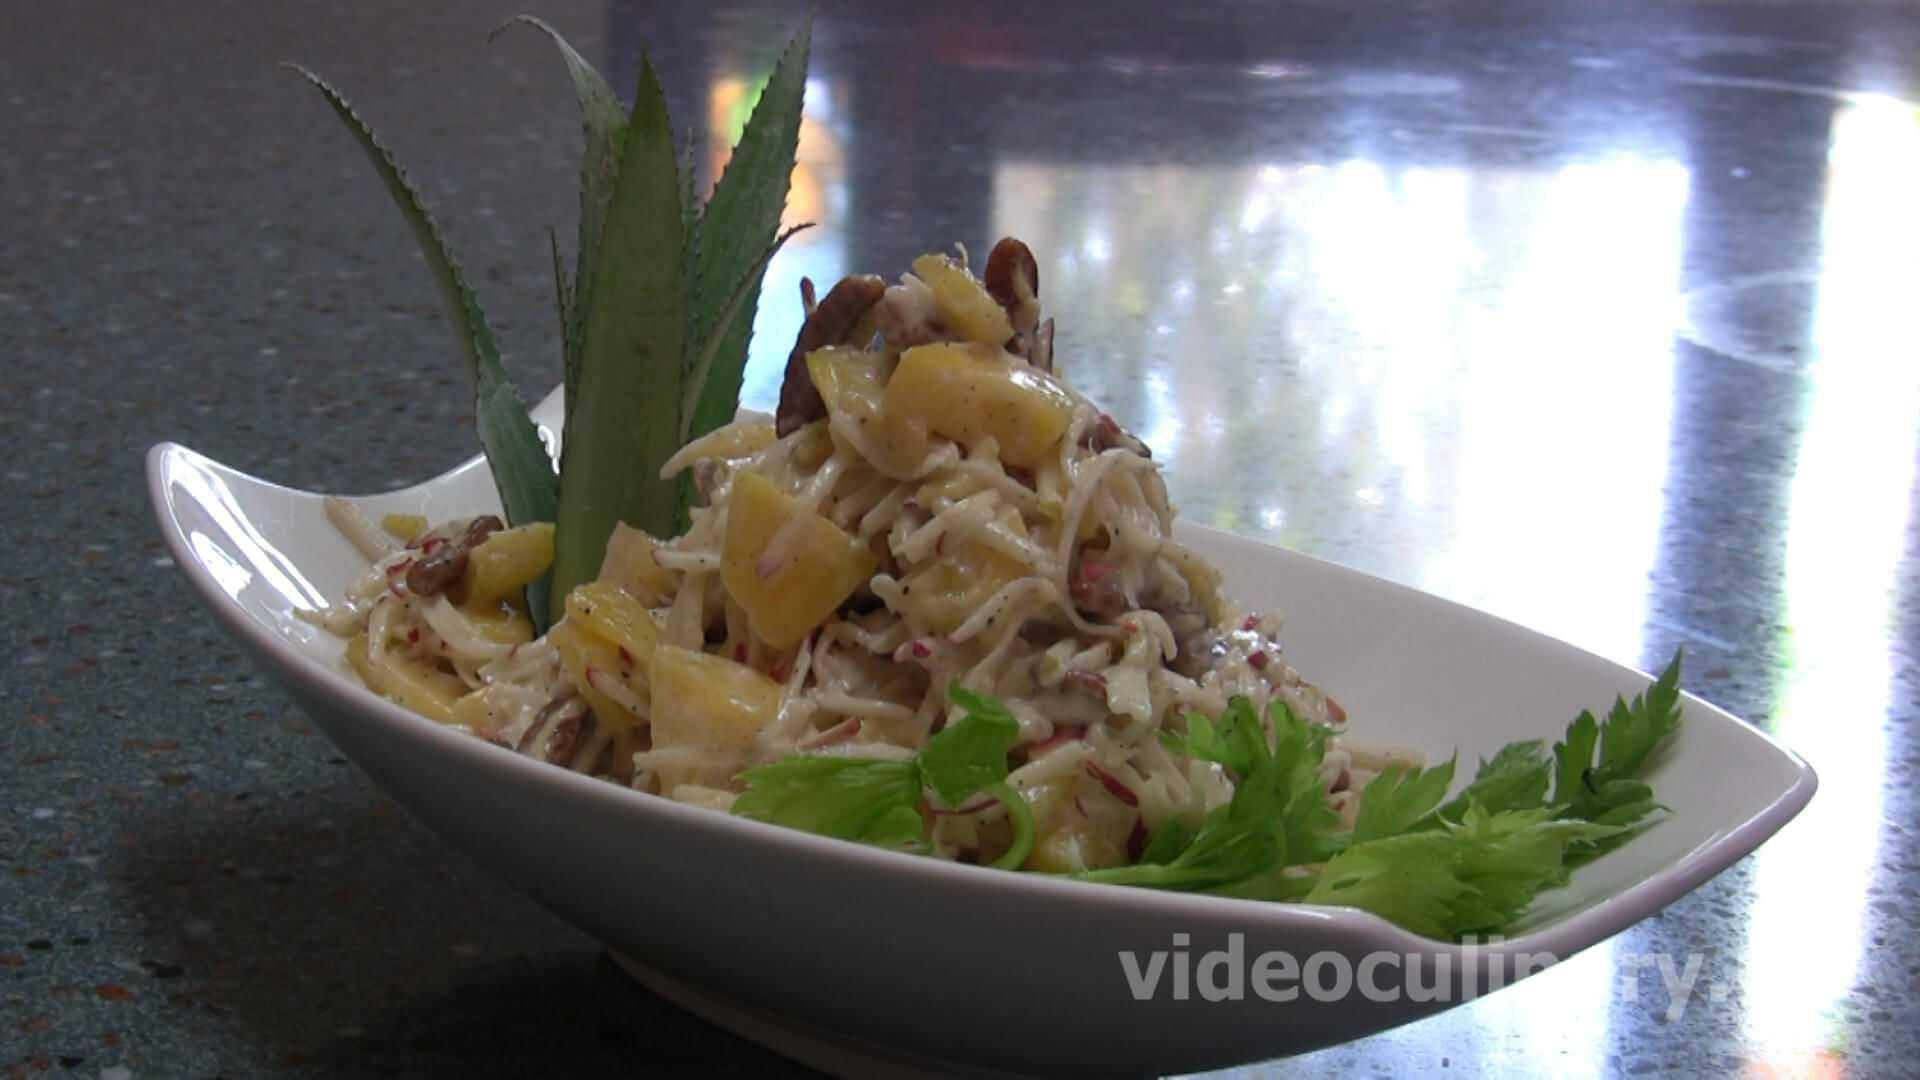 Салат вальдорф - изысканный деликатес для гурманов: рецепт с фото и видео